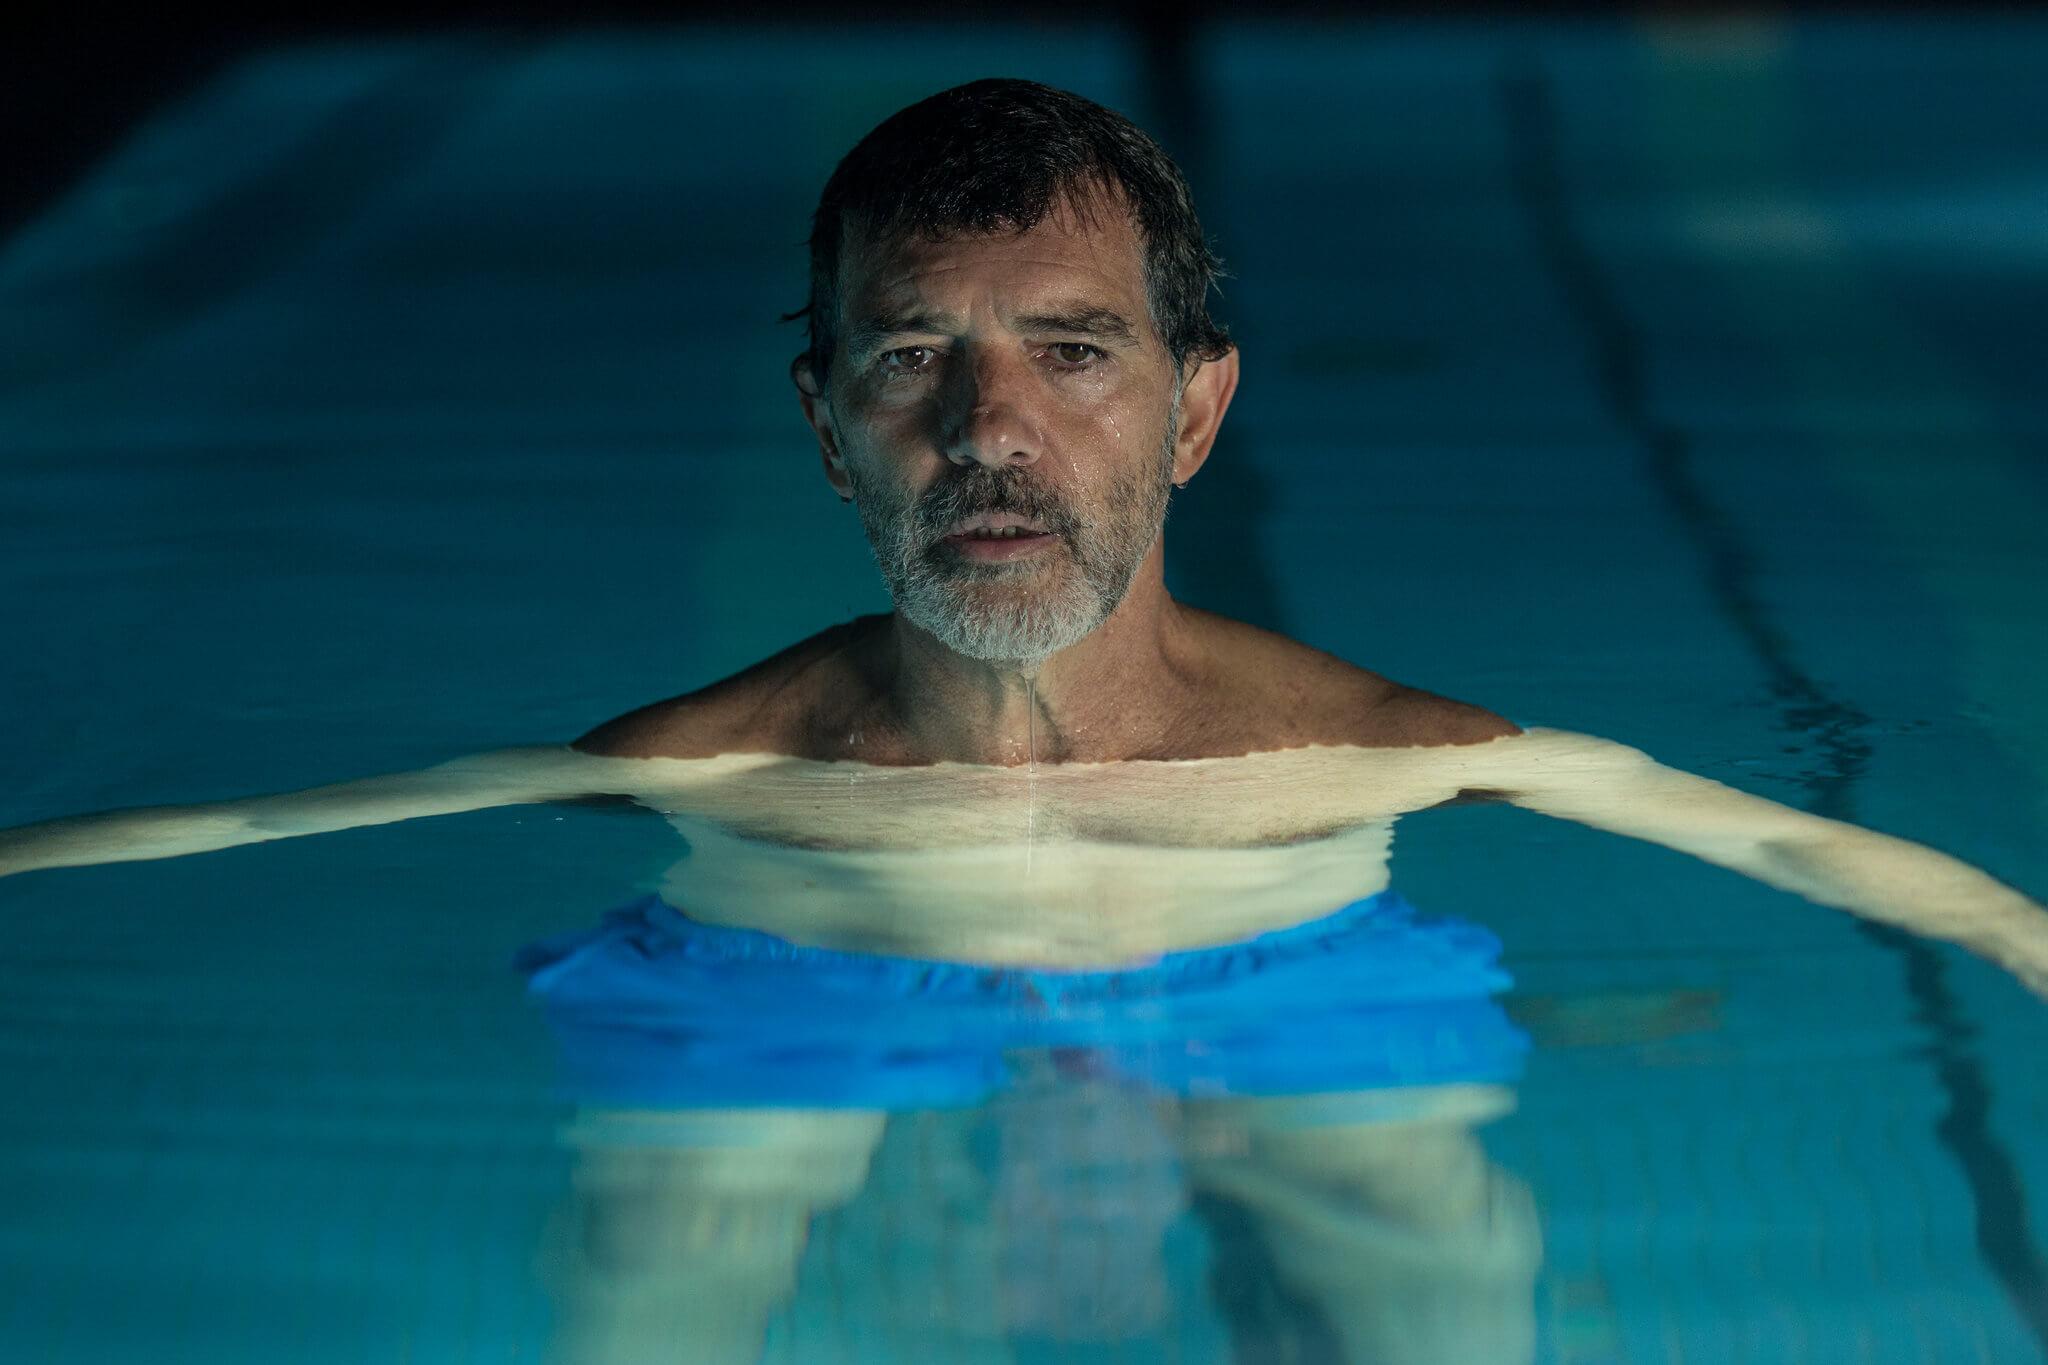 pain-and-glory-2019-movie-pedro-almodovar